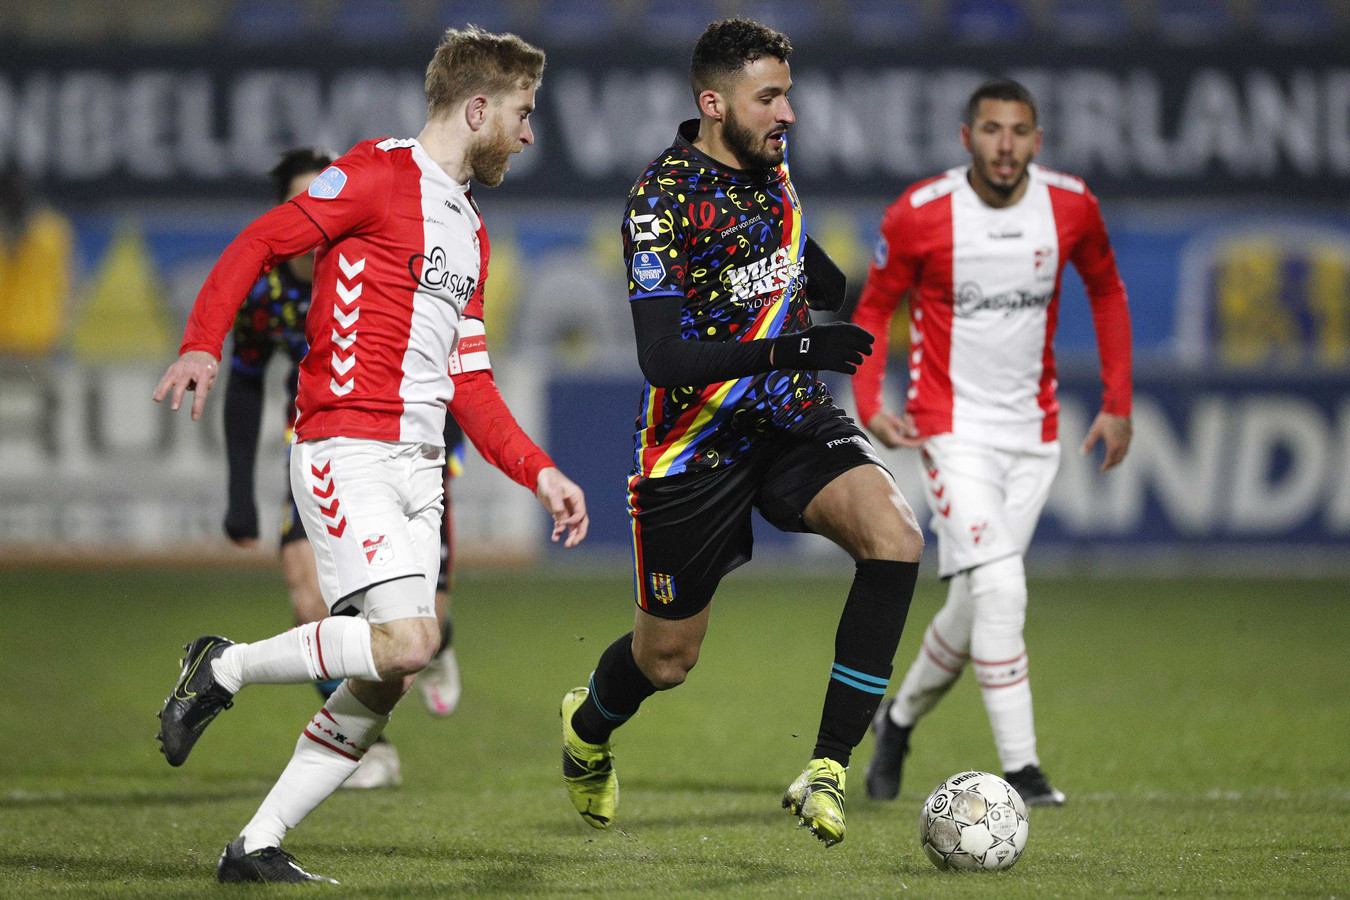 Ahmed Touba maakte in de 90ste minuut de 1-0 voor RKC.